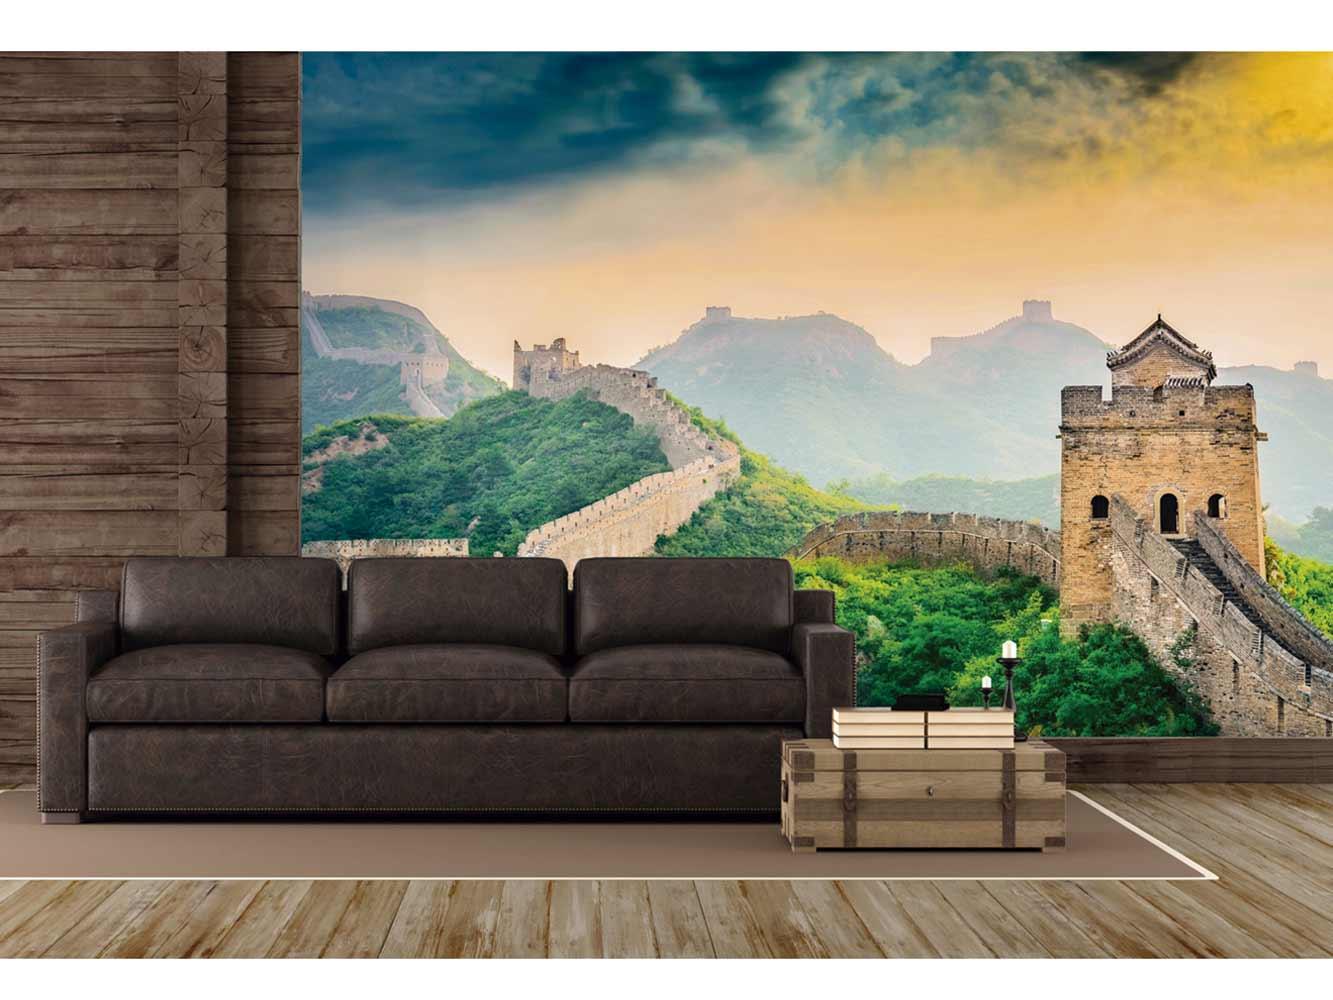 Fotomural Vinilo Gran Muralla China | Carteles XXL - Impresión carteleria publicitaria